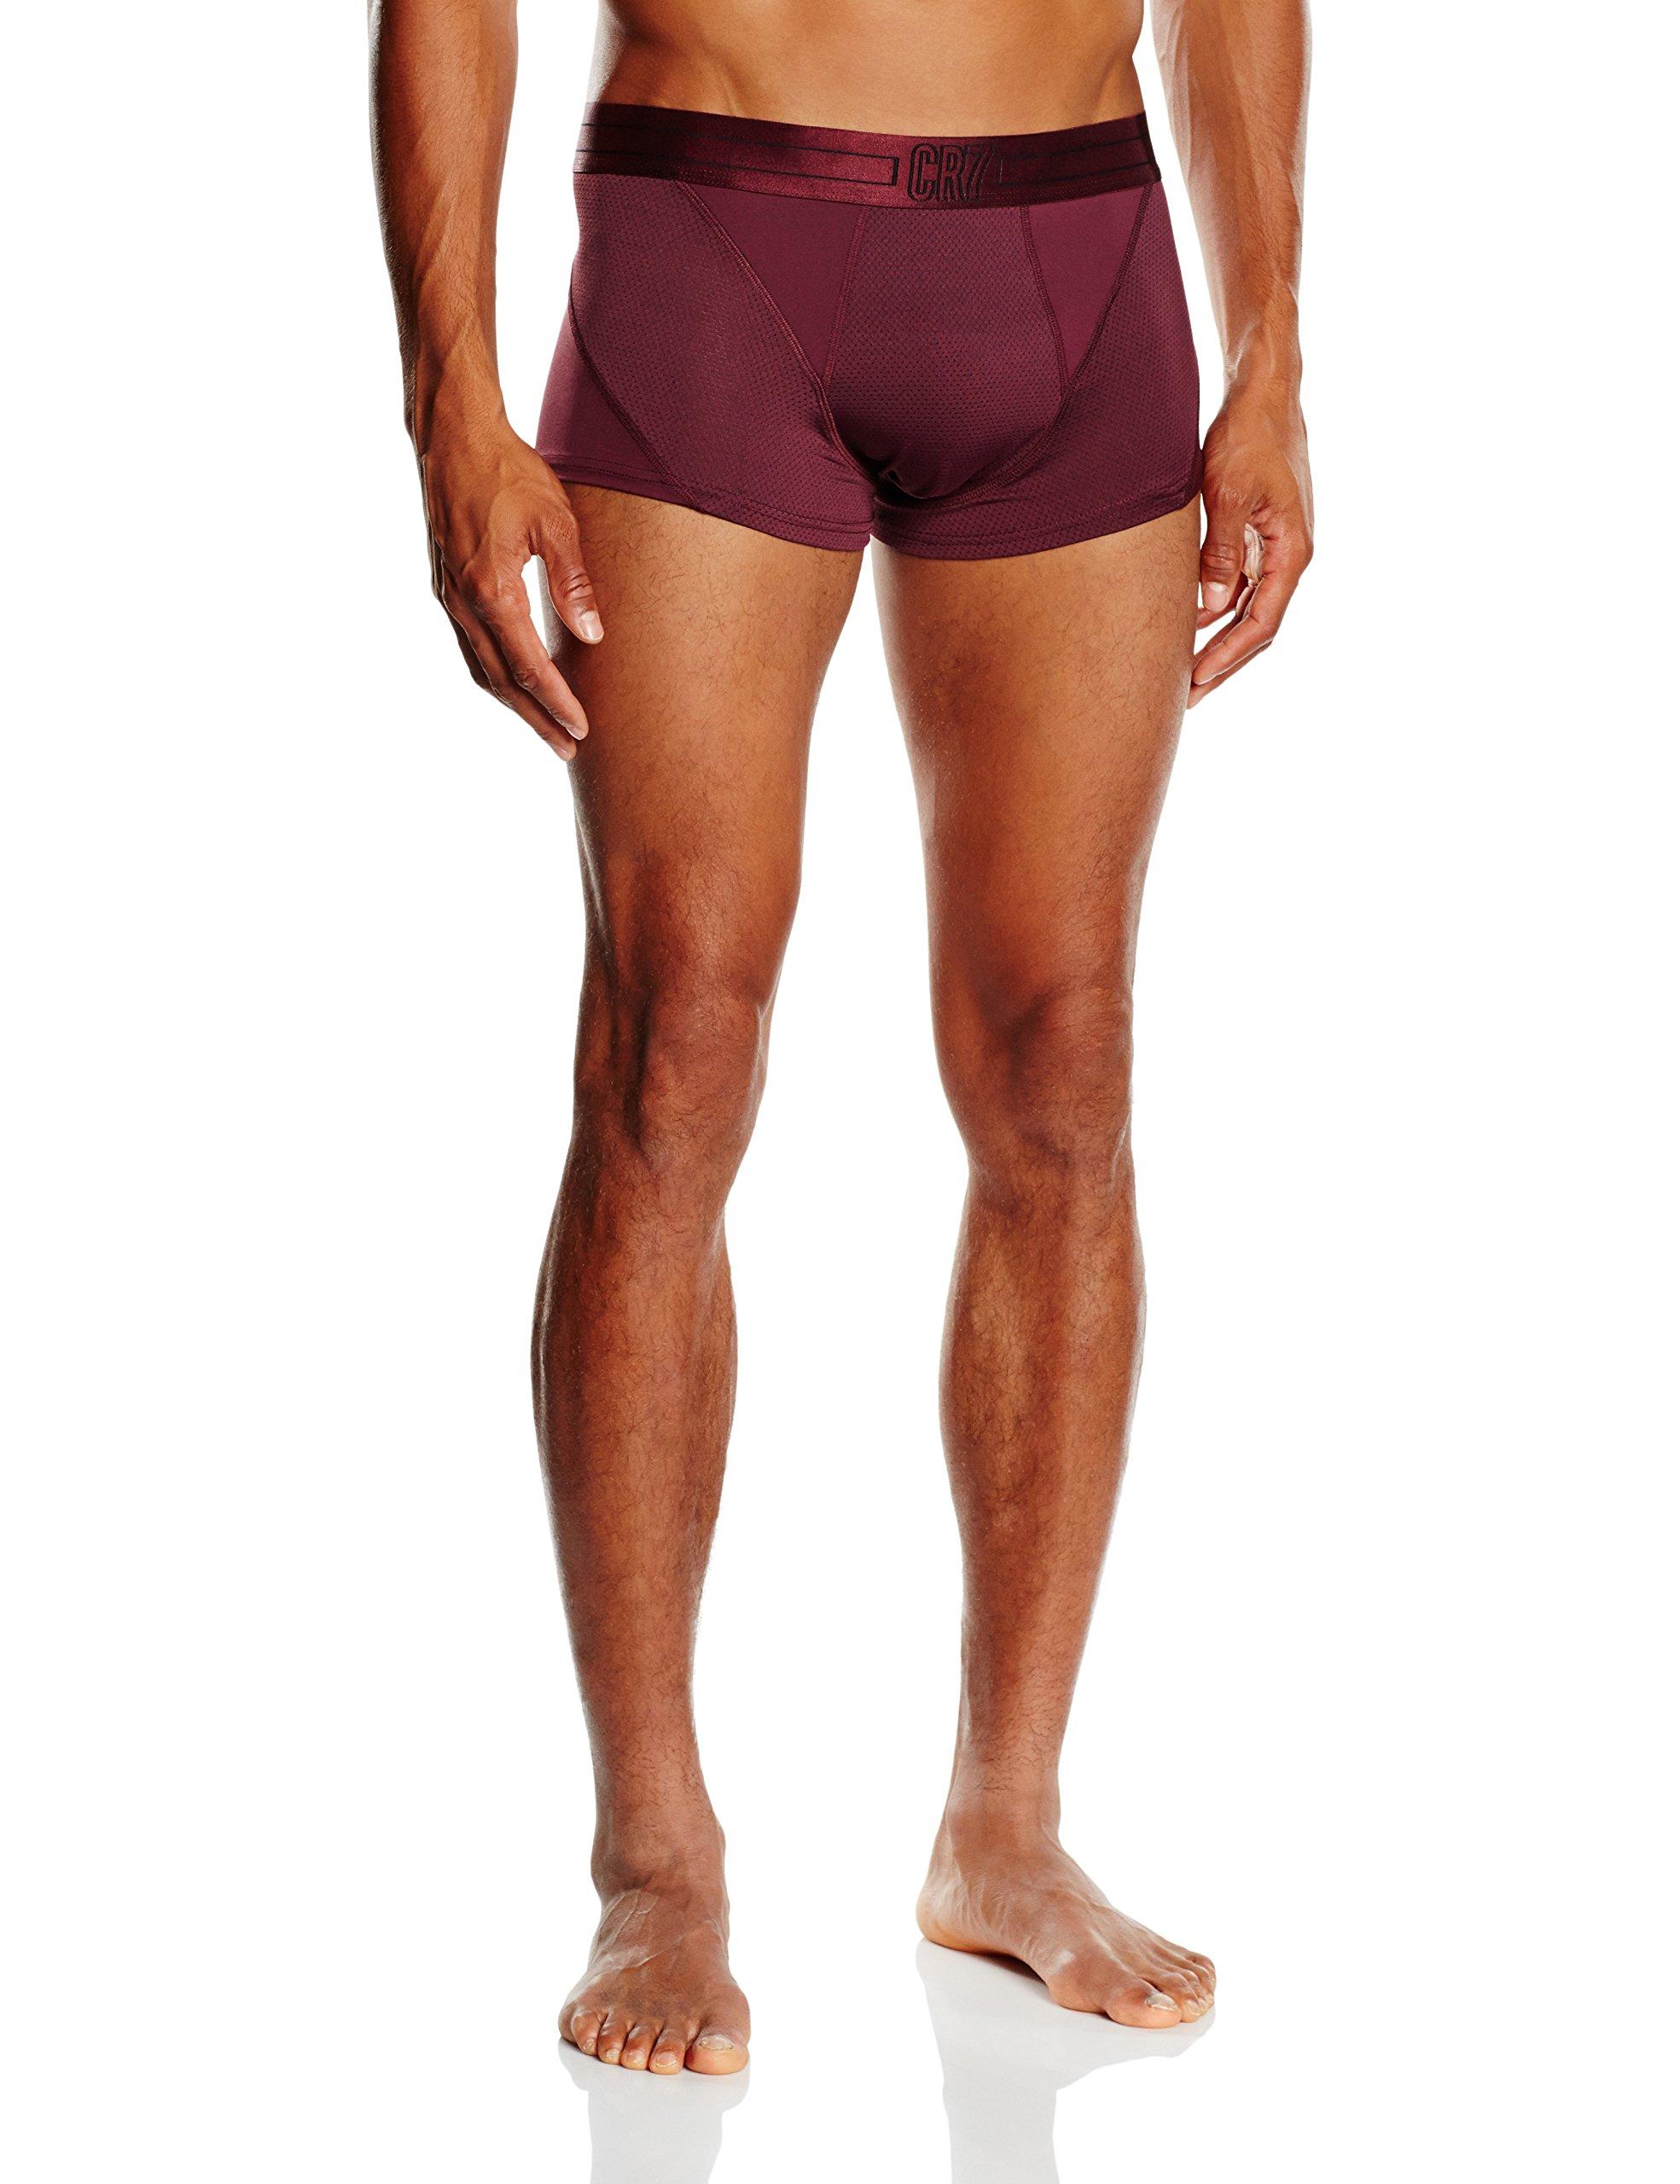 CR7 CRISTIANO RONALDO, Boxer aderenti Uomo Fashion Fashion, Viola (Violett), XL